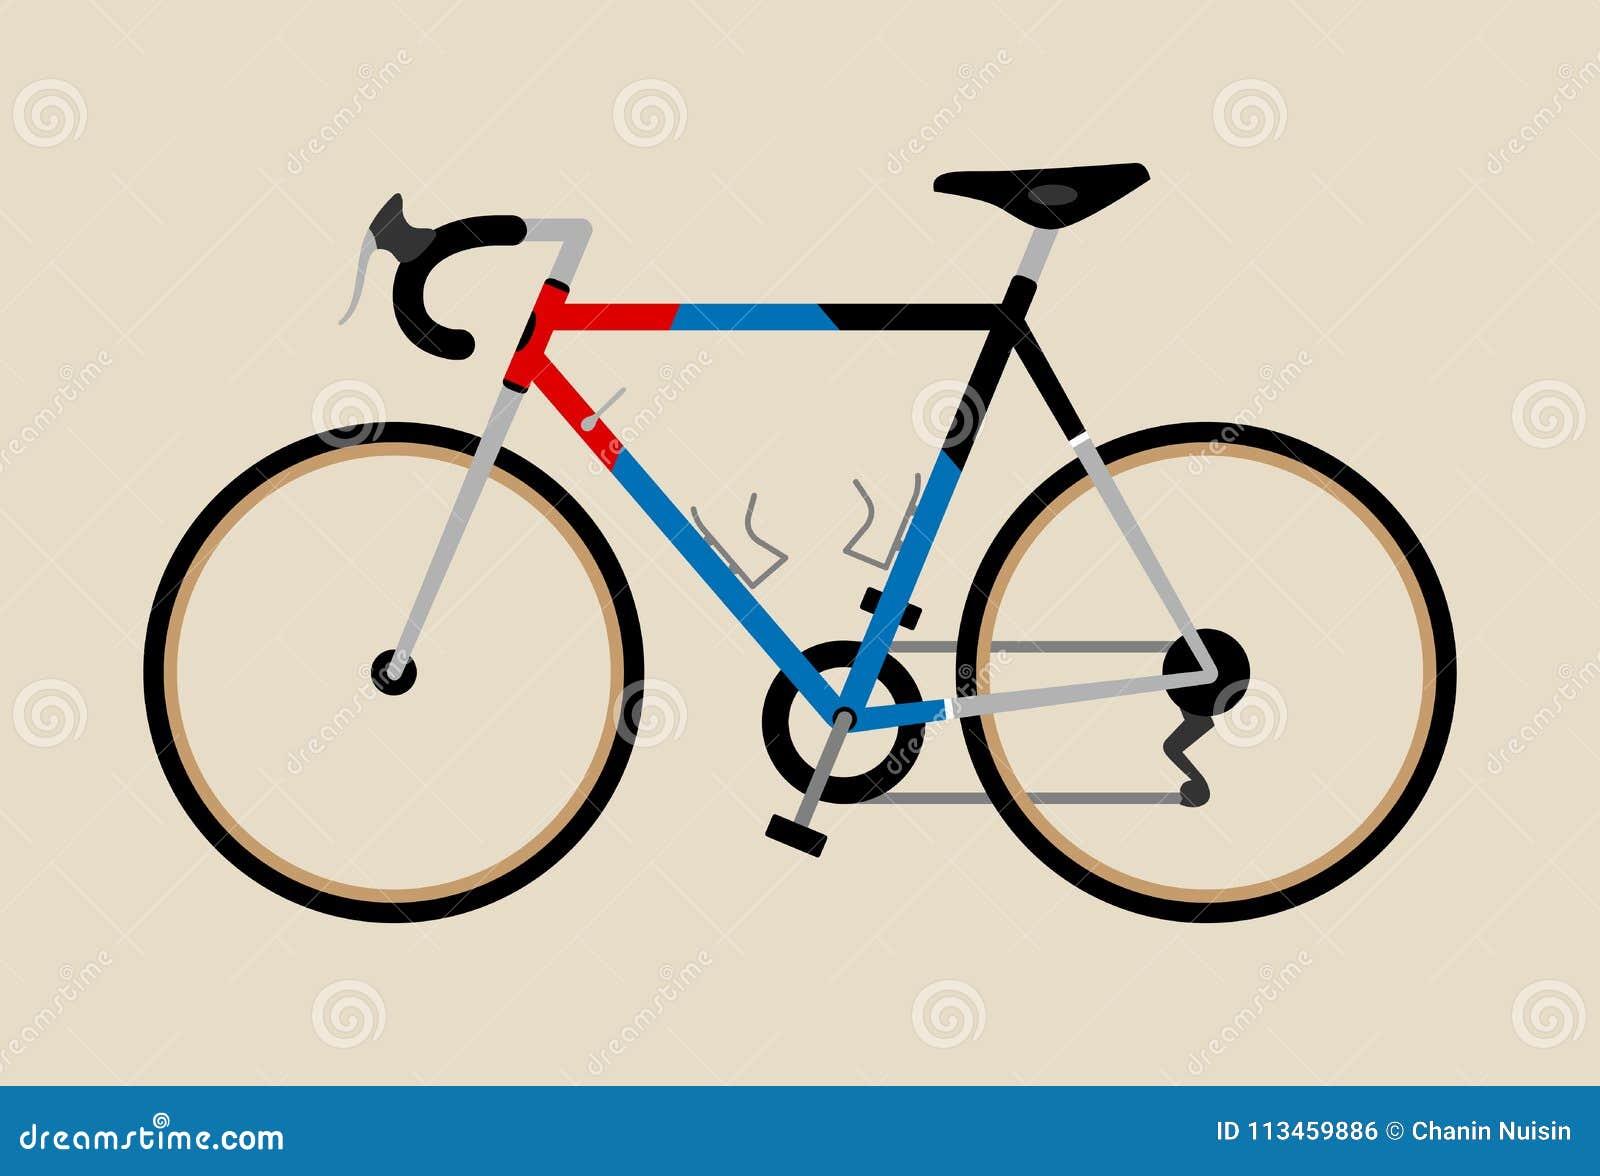 骑自行车循环例证图表葡萄酒的自行车游览公路赛红色深蓝色